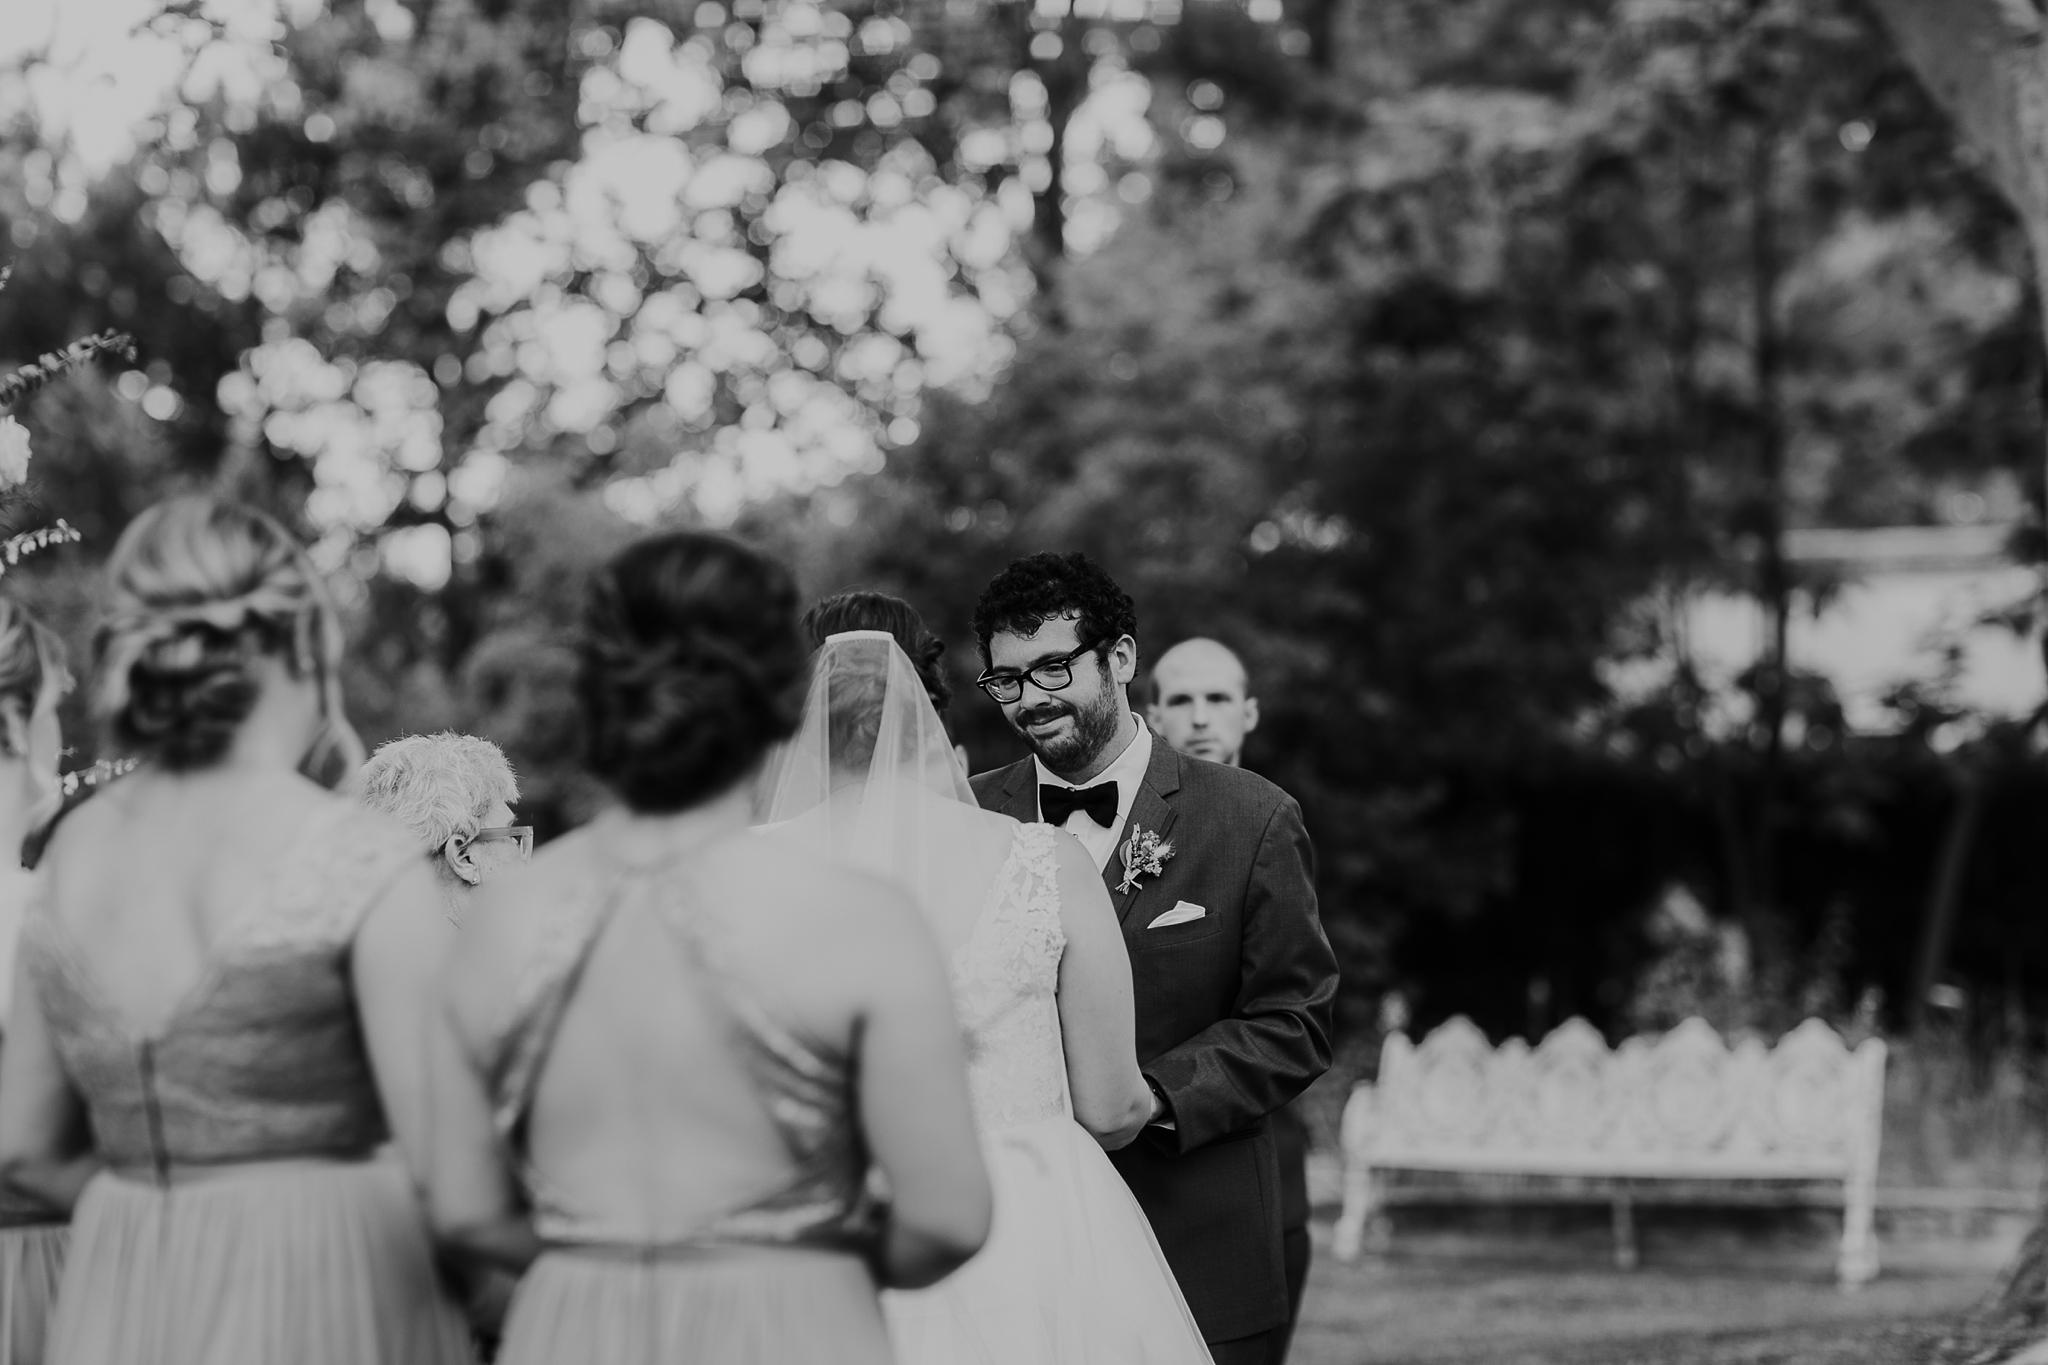 Alicia+lucia+photography+-+albuquerque+wedding+photographer+-+santa+fe+wedding+photography+-+new+mexico+wedding+photographer+-+new+mexico+wedding+-+summer+wedding+-+los+poblanos+wedding+-+albuquerque+wedding_0039.jpg